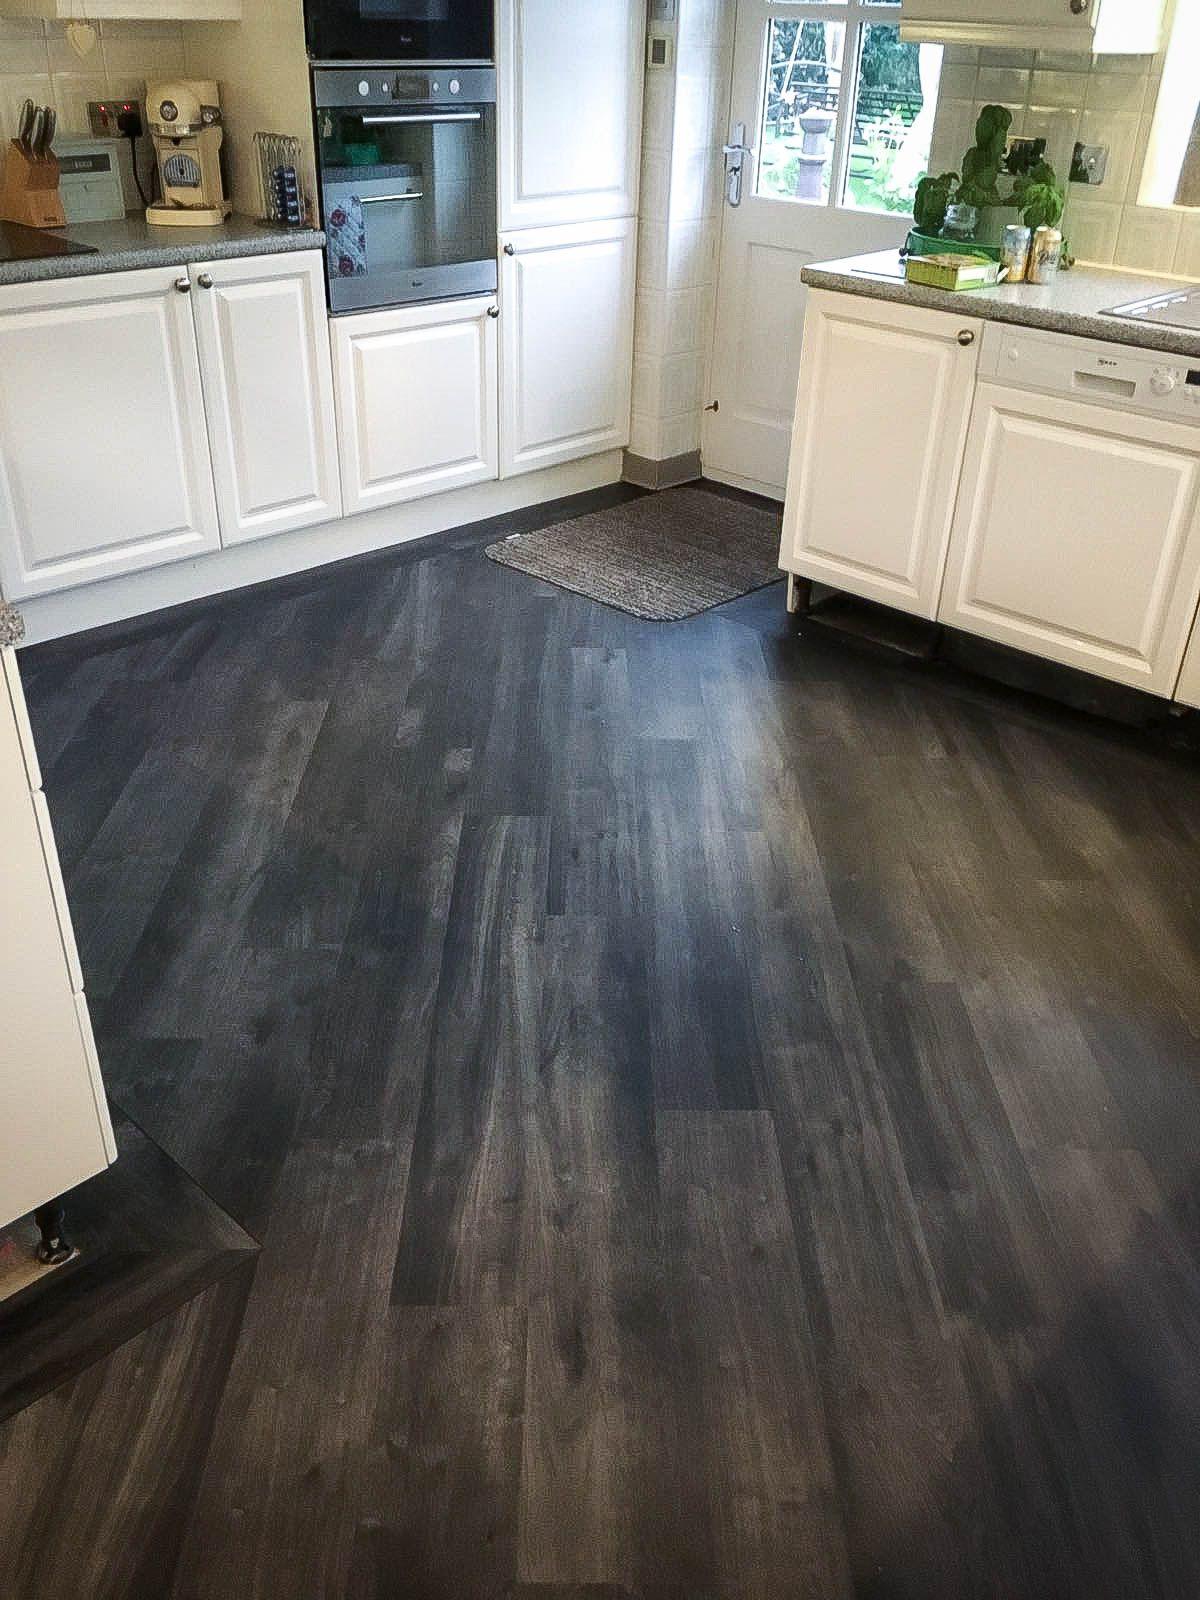 Kitchen Installation Karndean Designflooring Vgw89t Ebony With 3mm